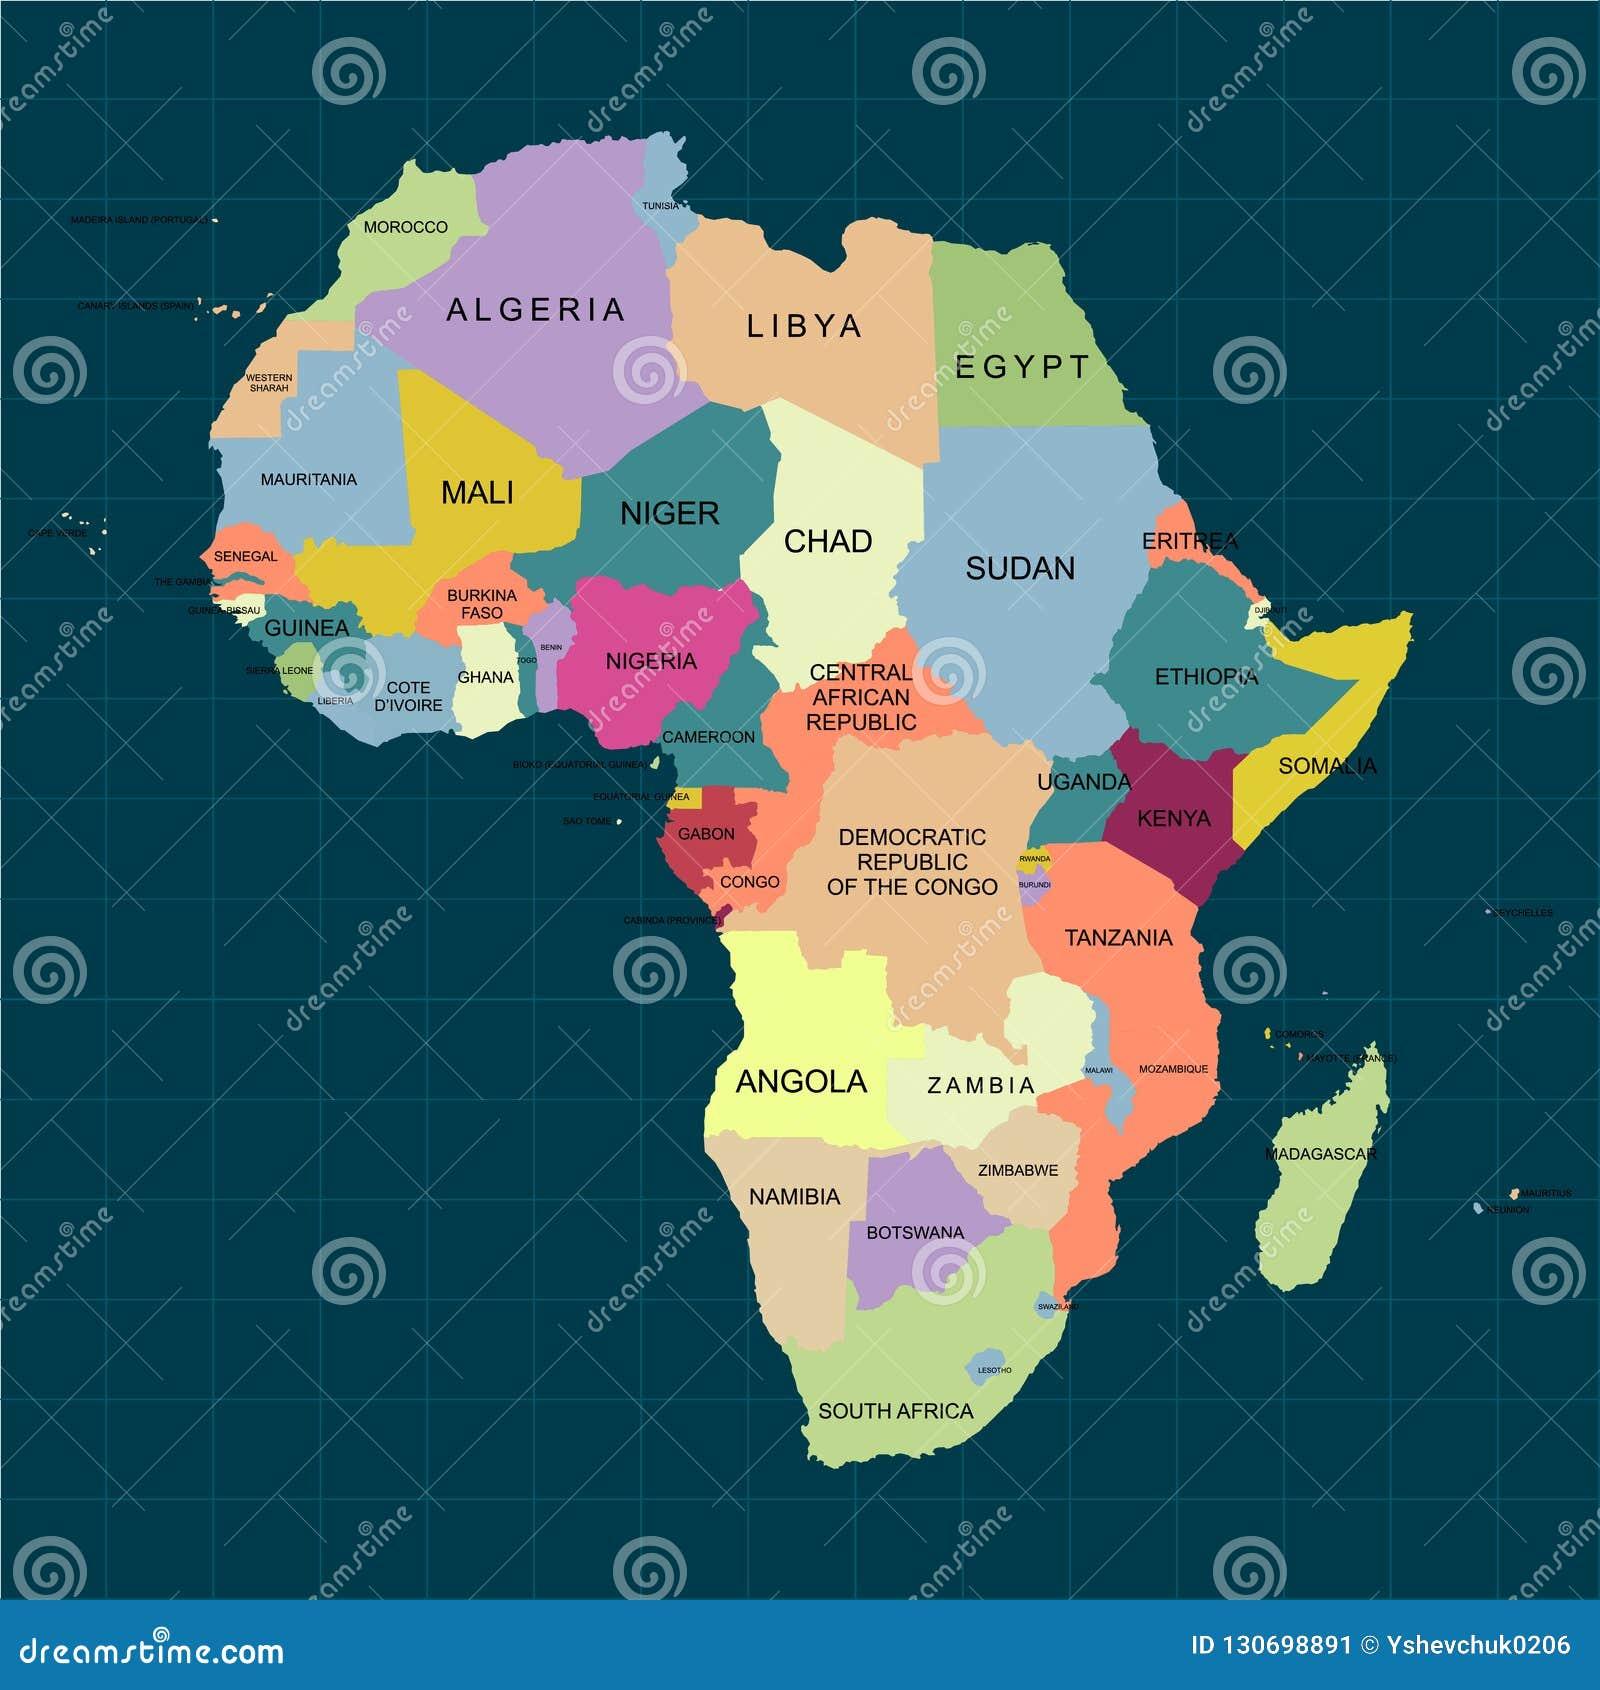 Couleur De L Afrique.Territoire De L Afrique Avec La Decoupe Et La Couleur D